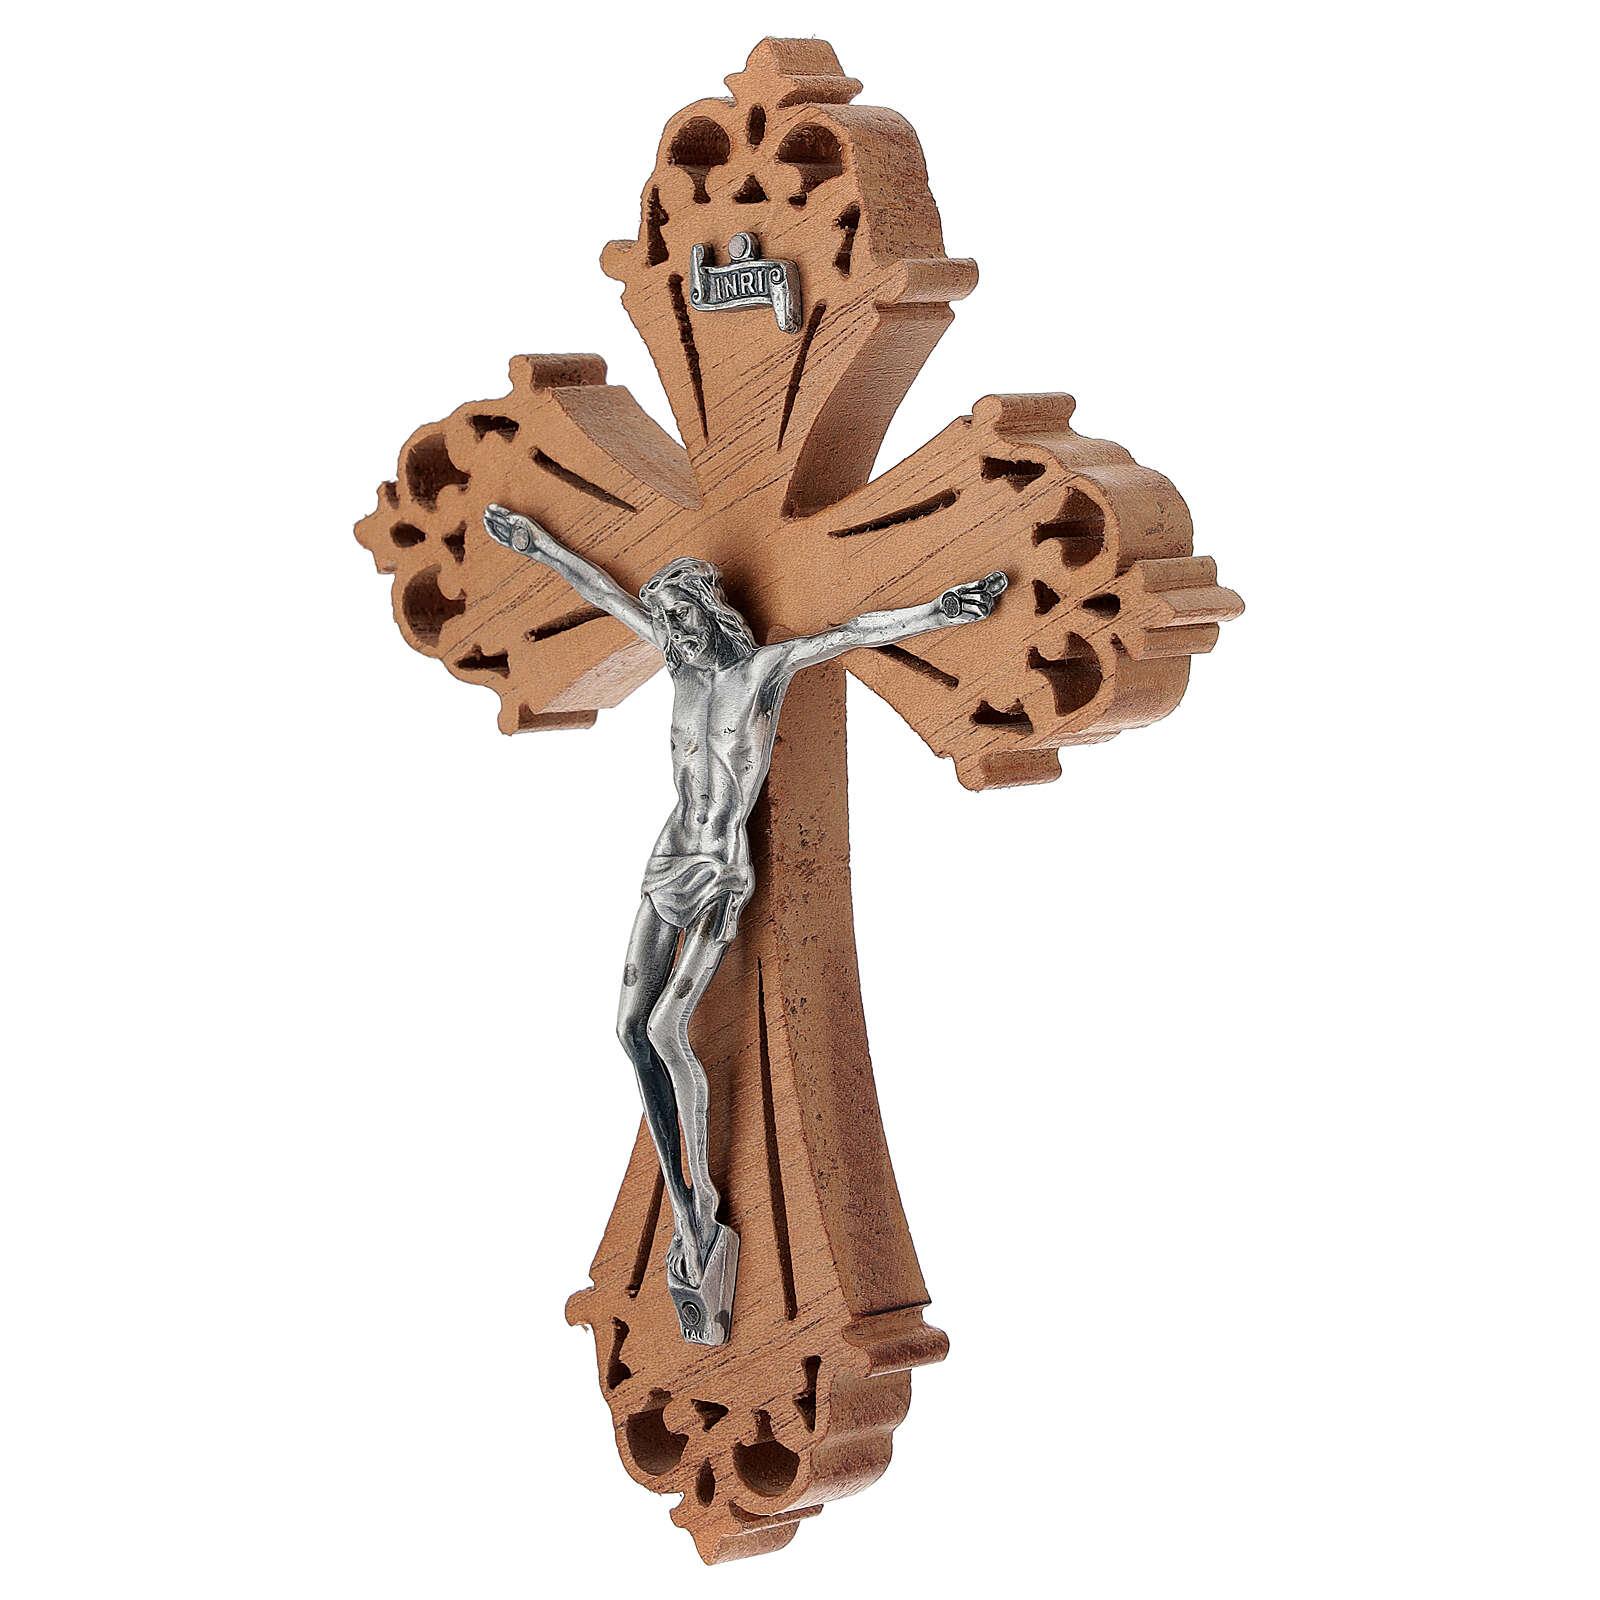 Crocefisso in legno con Cristo in acciaio argentato 4